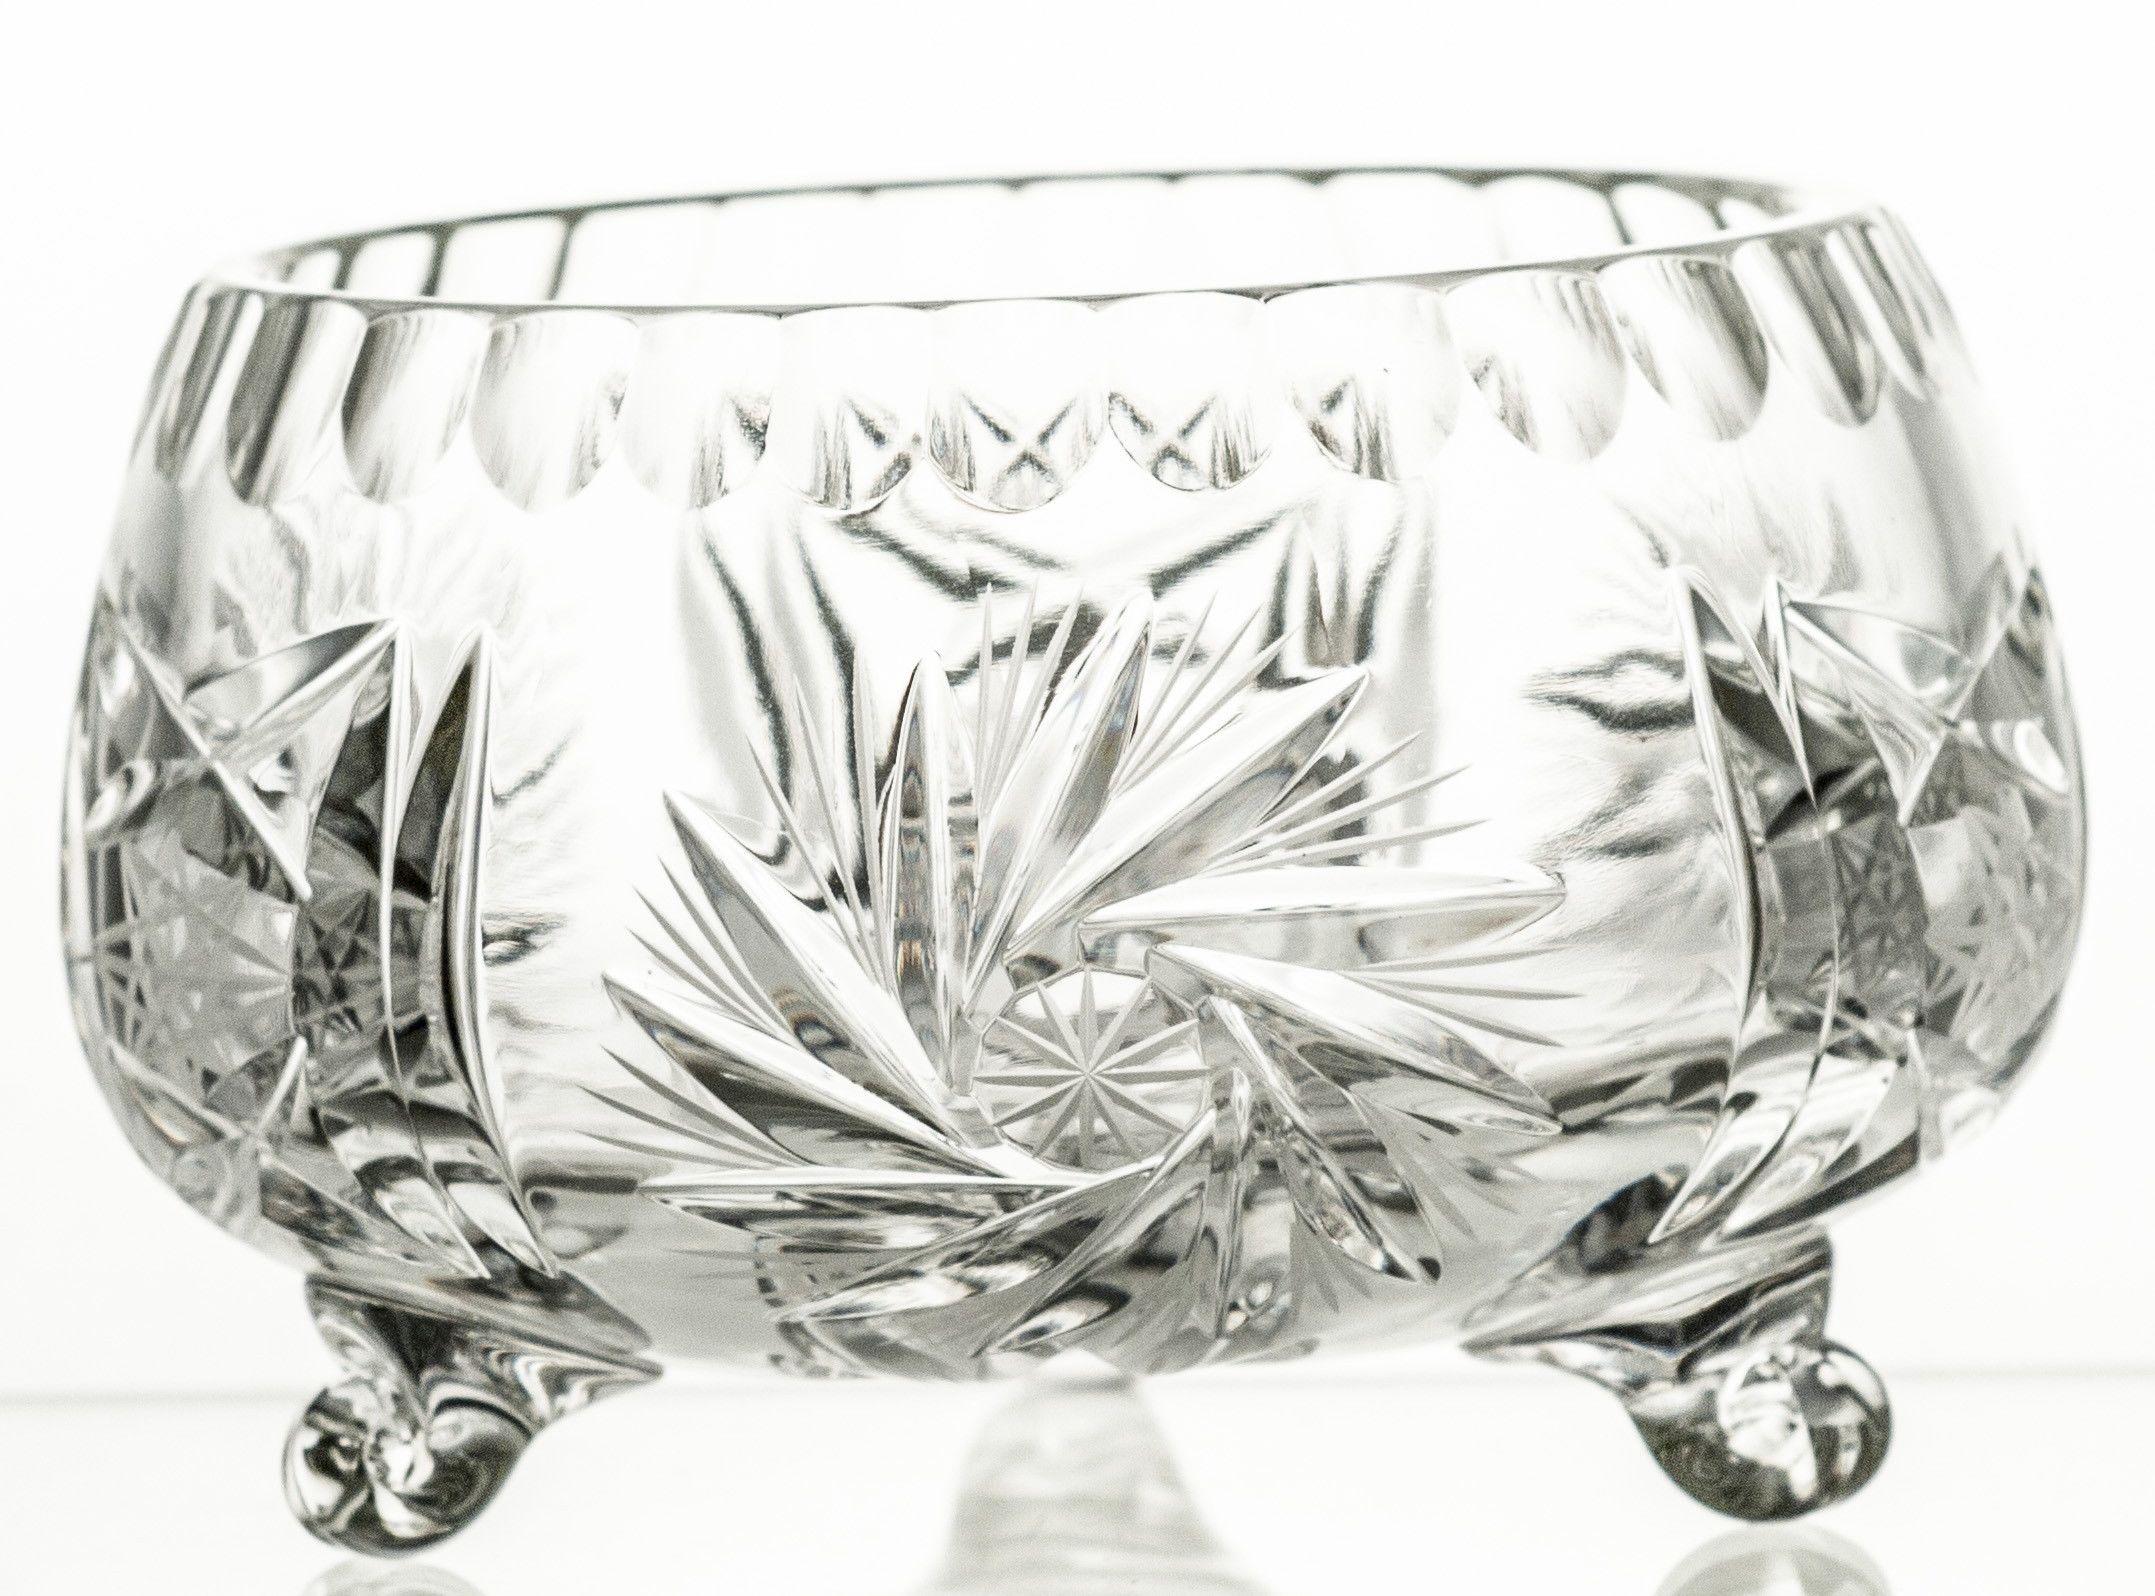 Owocarka kryształowa na nóżkach (13874)